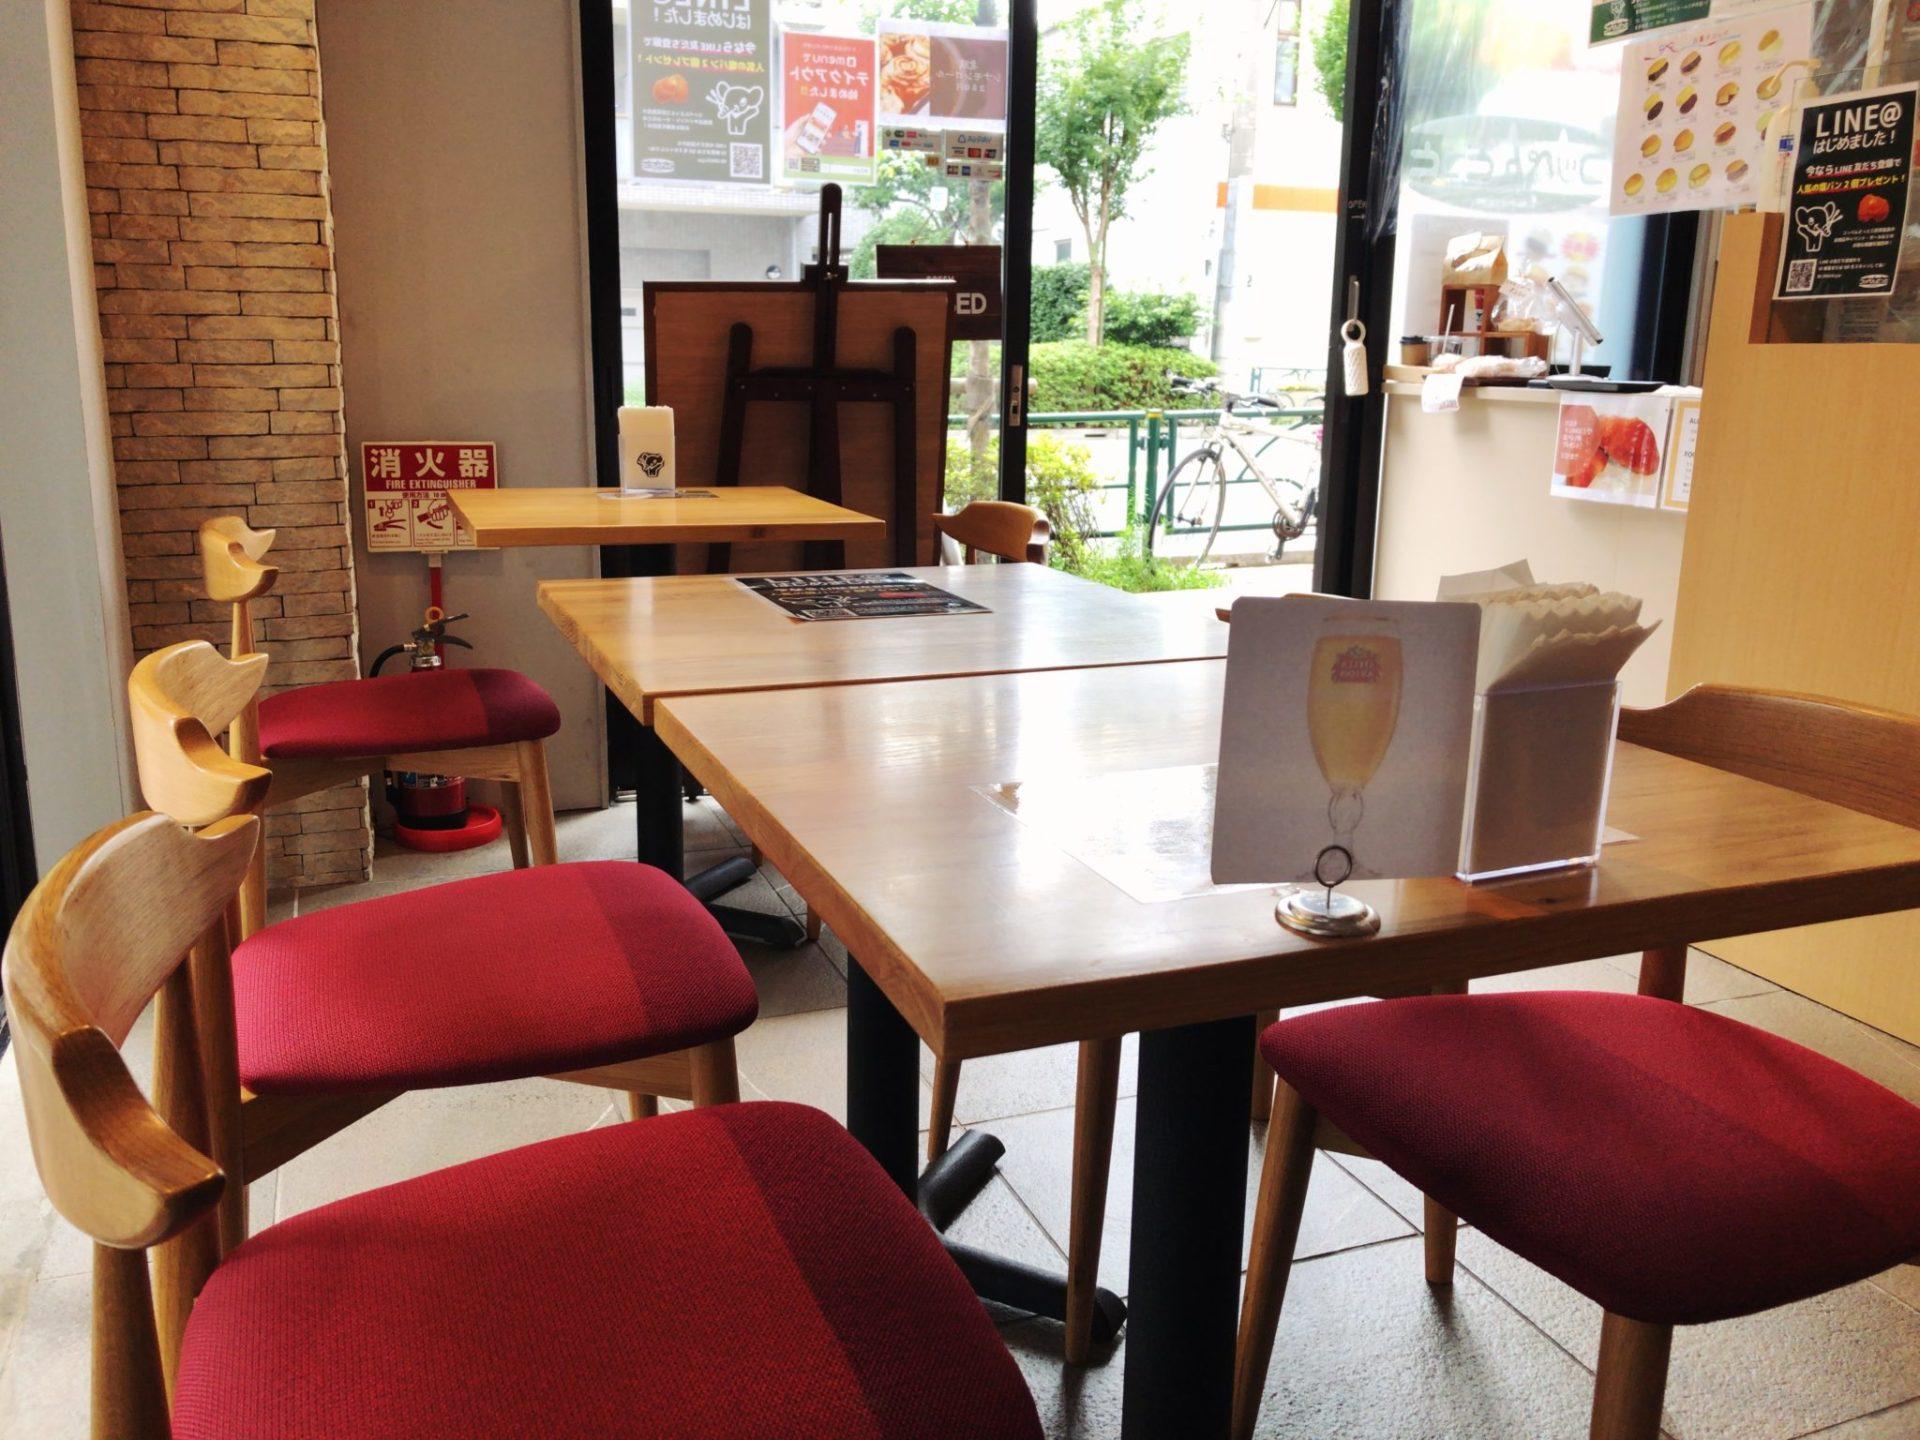 コッペんどっと 三軒茶屋店のテーブル席